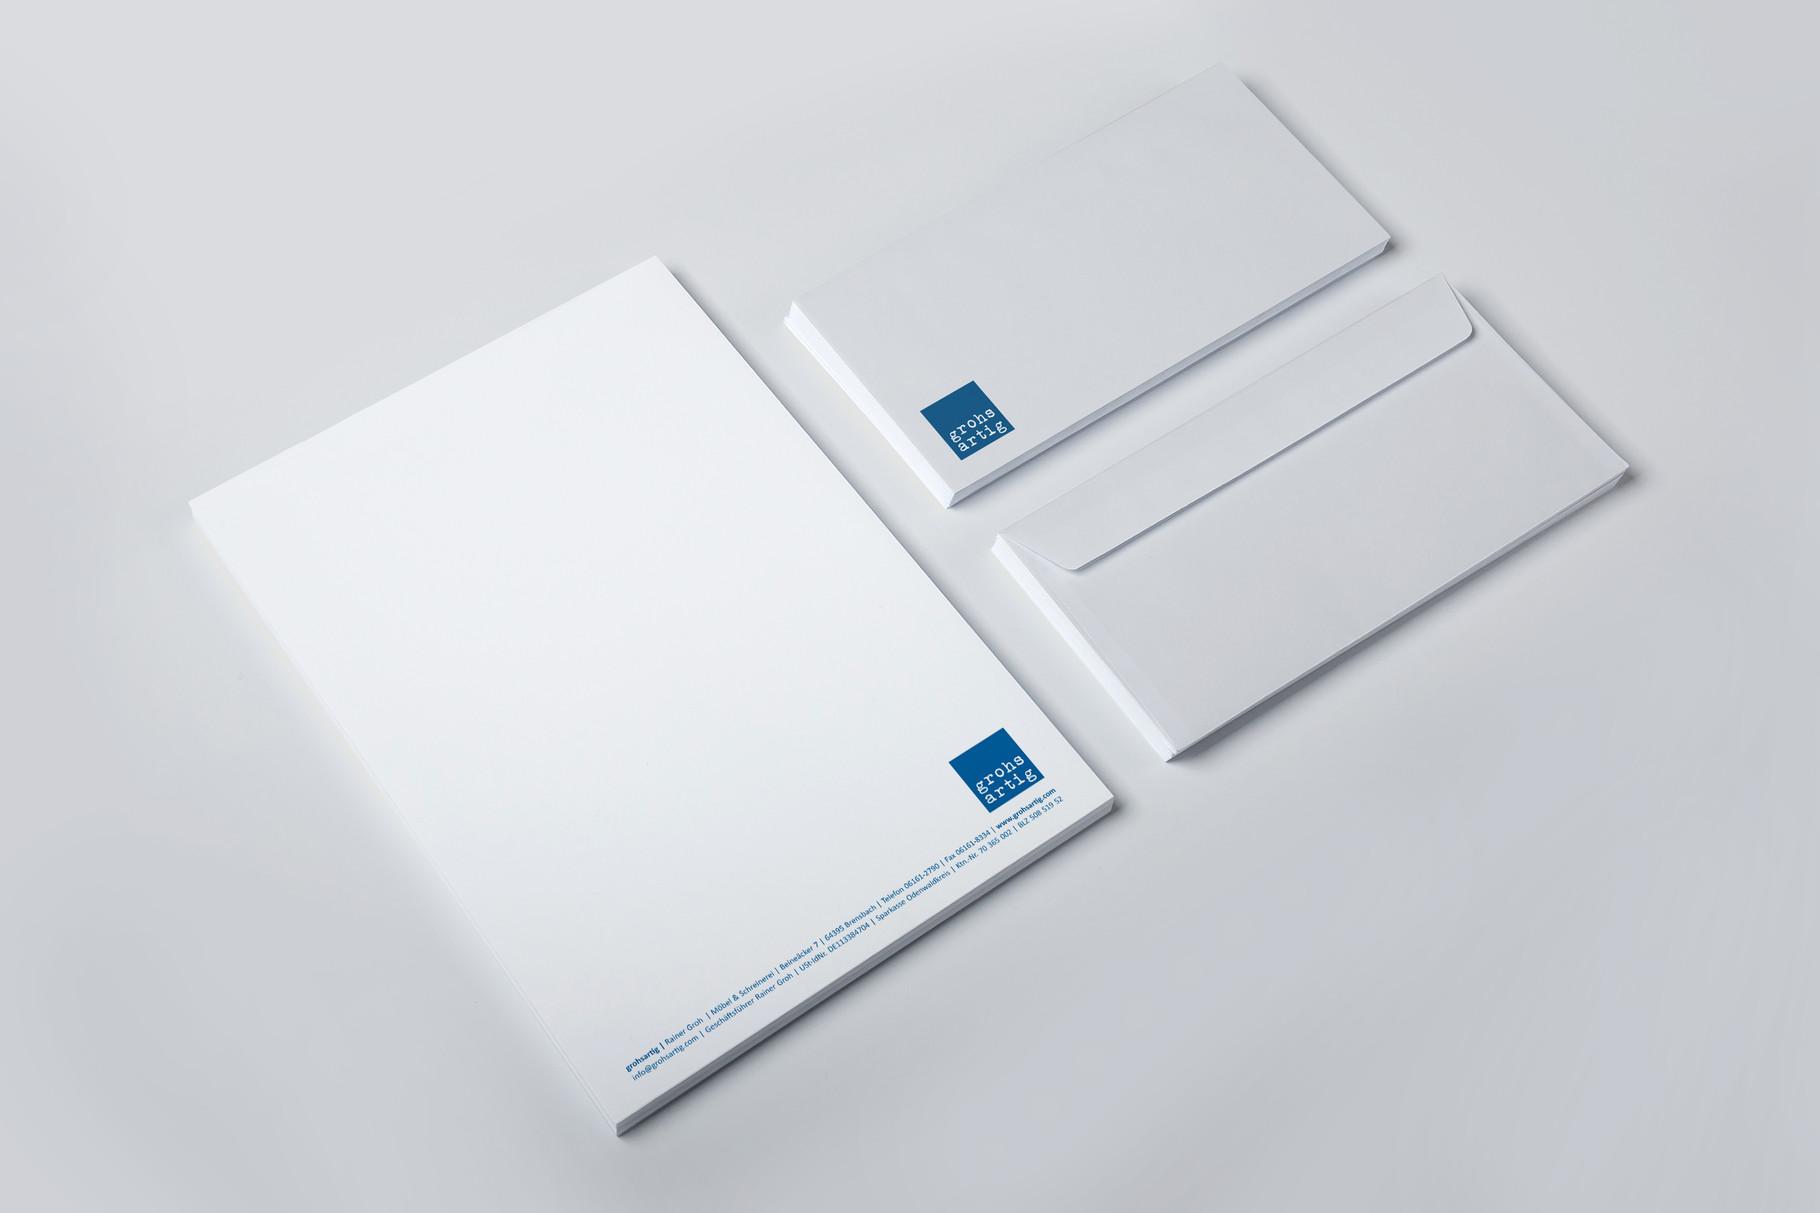 Logo, Logoentwicklung, Grafikdesign, Grafik, Gestaltung, Illustration, Grohsartig Geschäftsausstattung